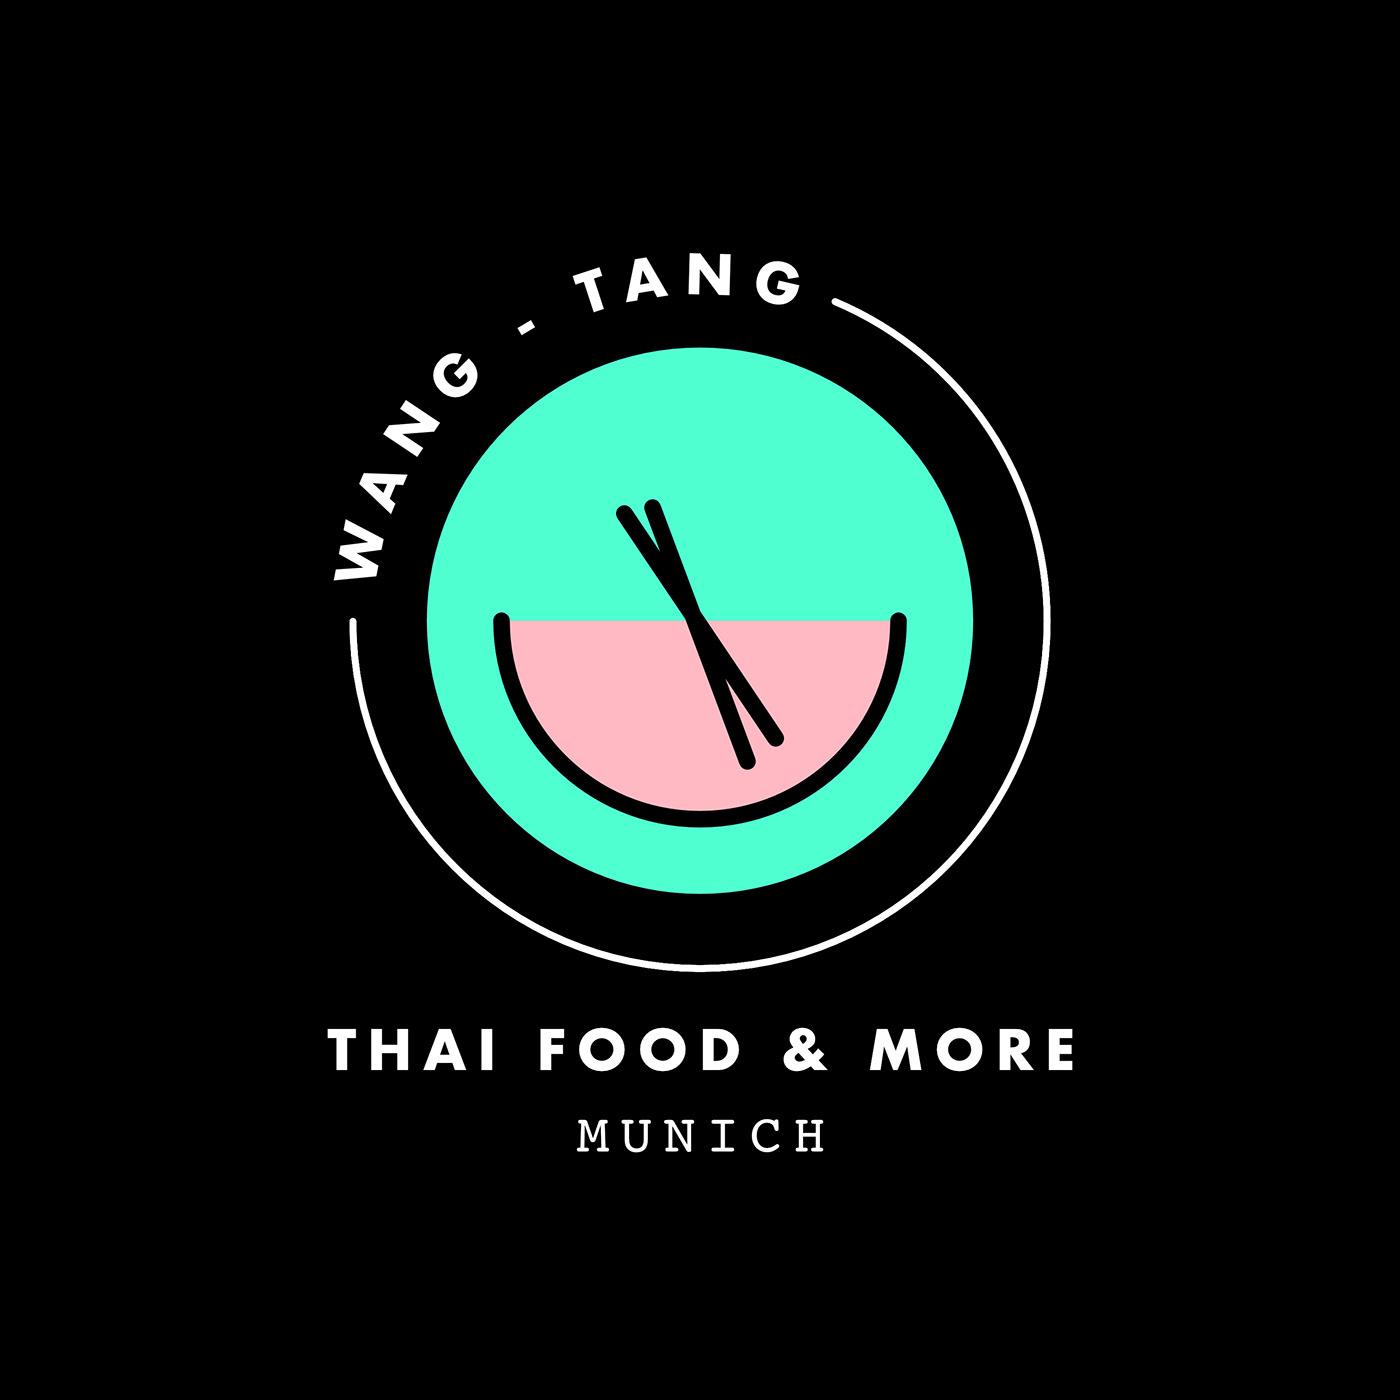 有美感的46個餐廳logo欣賞